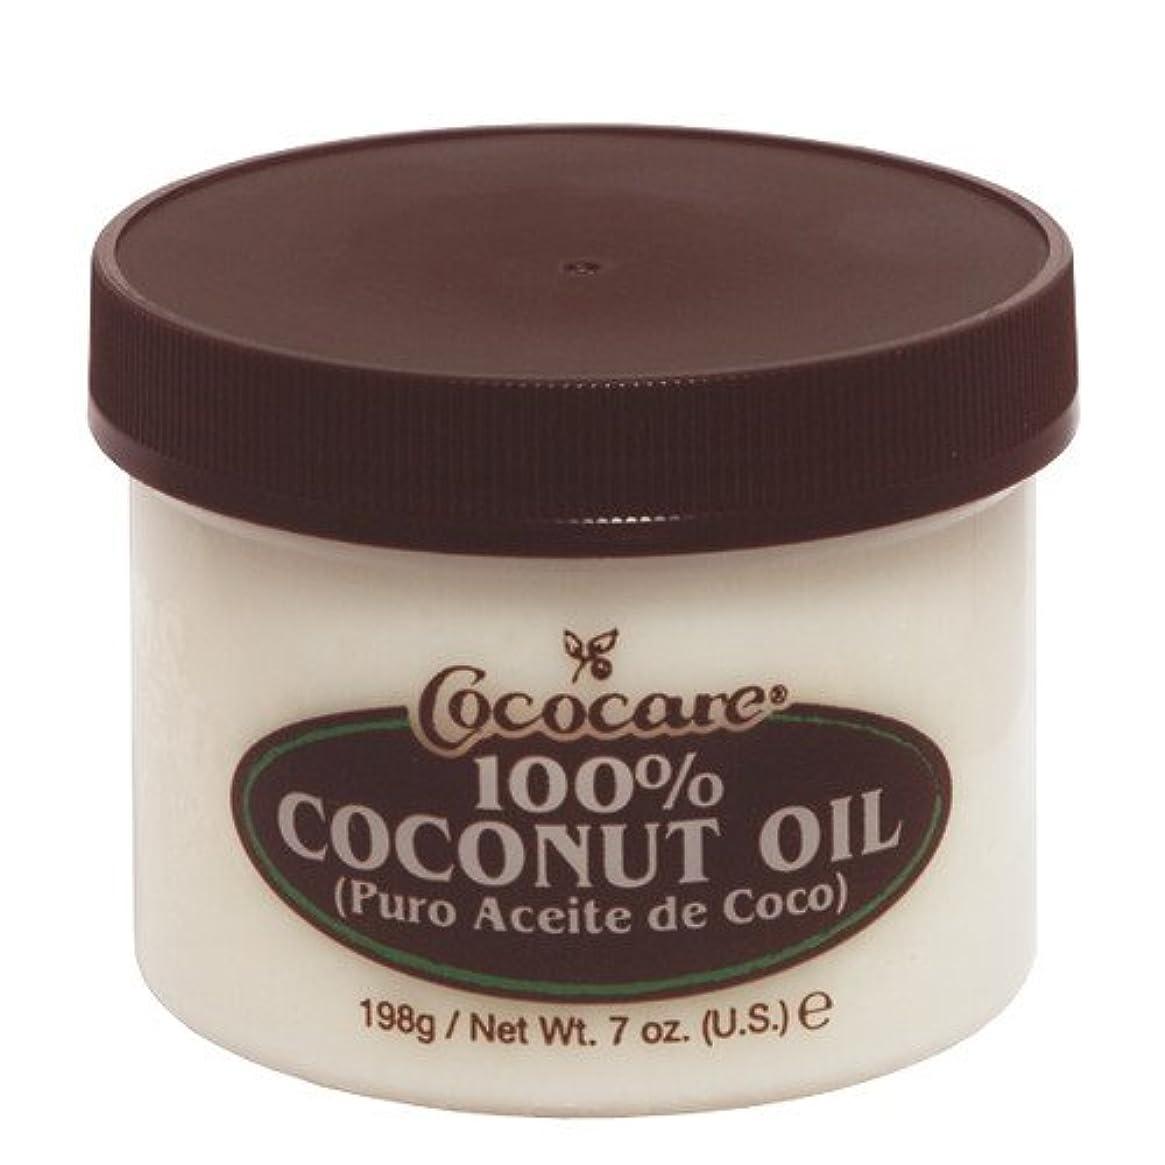 反対に厚い激しいCOCOCARE ココケア ココナッツオイル 198g